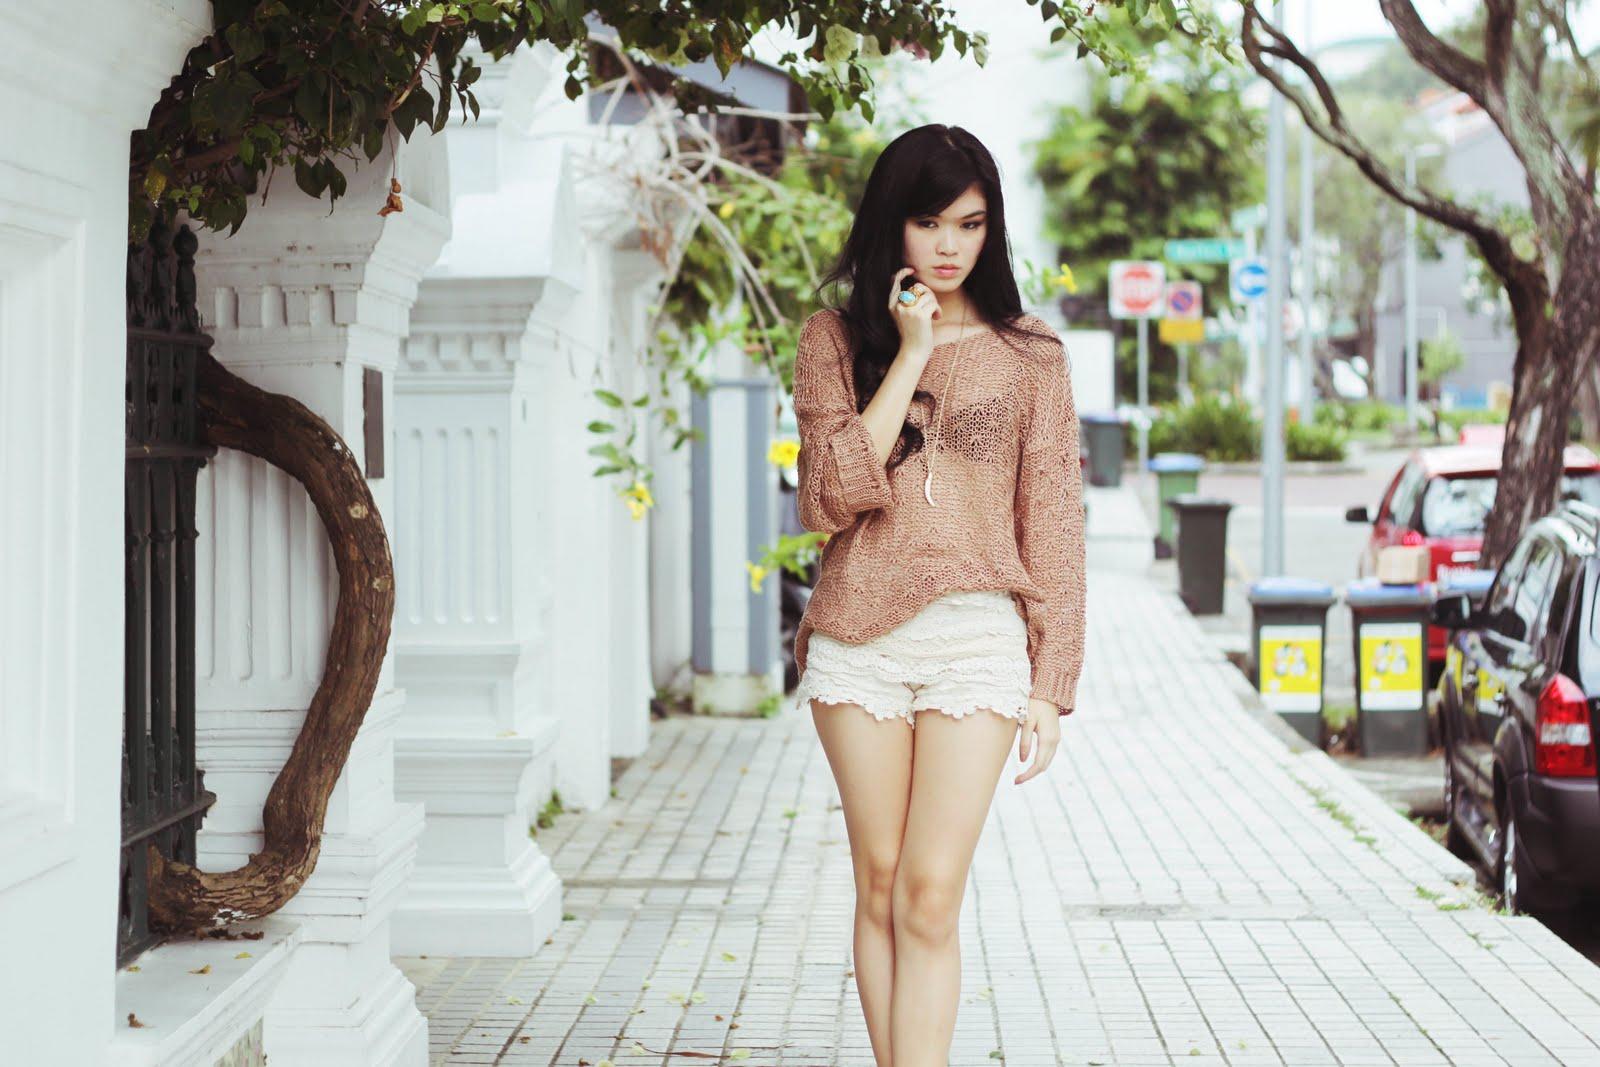 http://4.bp.blogspot.com/-MaMsquOjB7o/TaXBIwB53fI/AAAAAAAAGqs/WofxTb7BMjw/s1600/IMG_7614.jpg